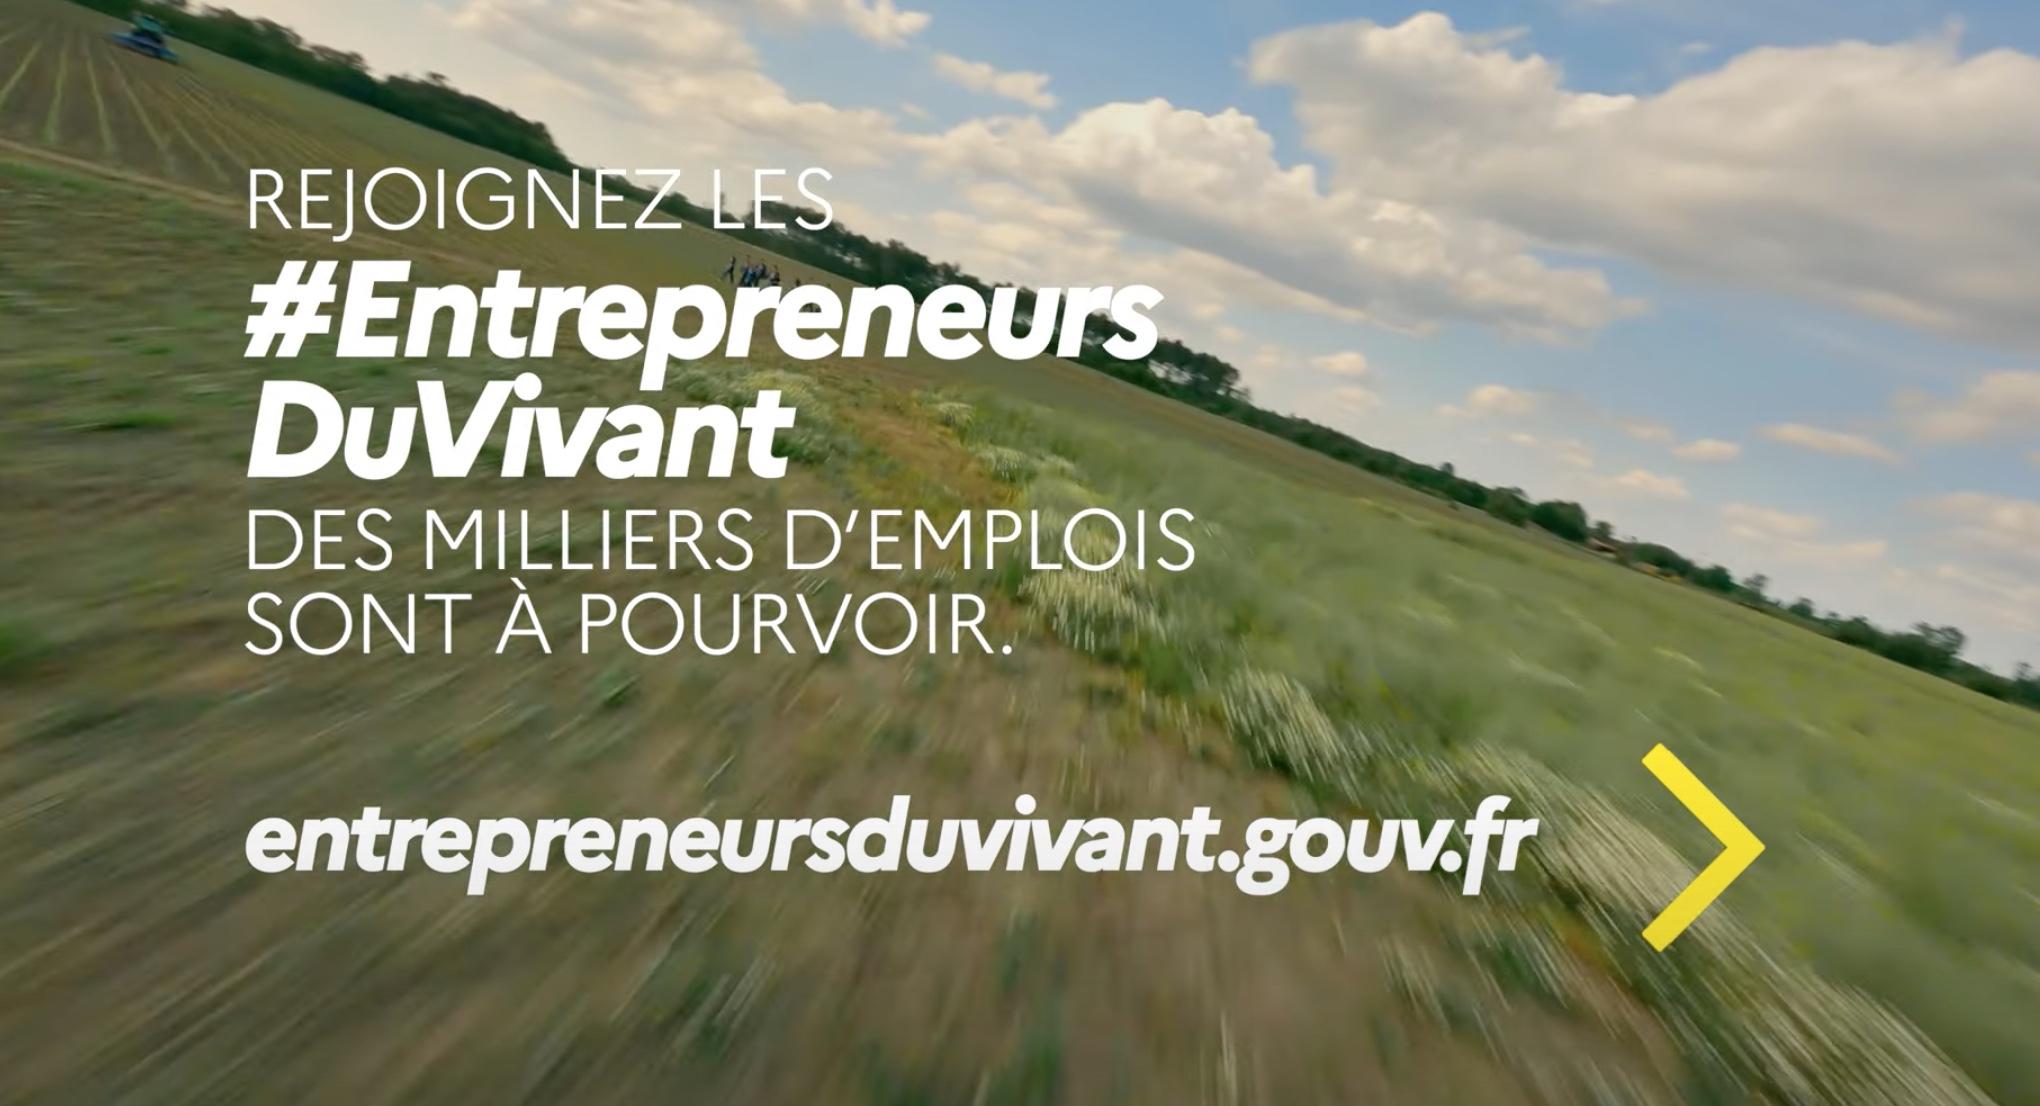 Capture decran 2021 09 22 a 21.25.50 - Rejoignez les entrepreneurs du vivant !